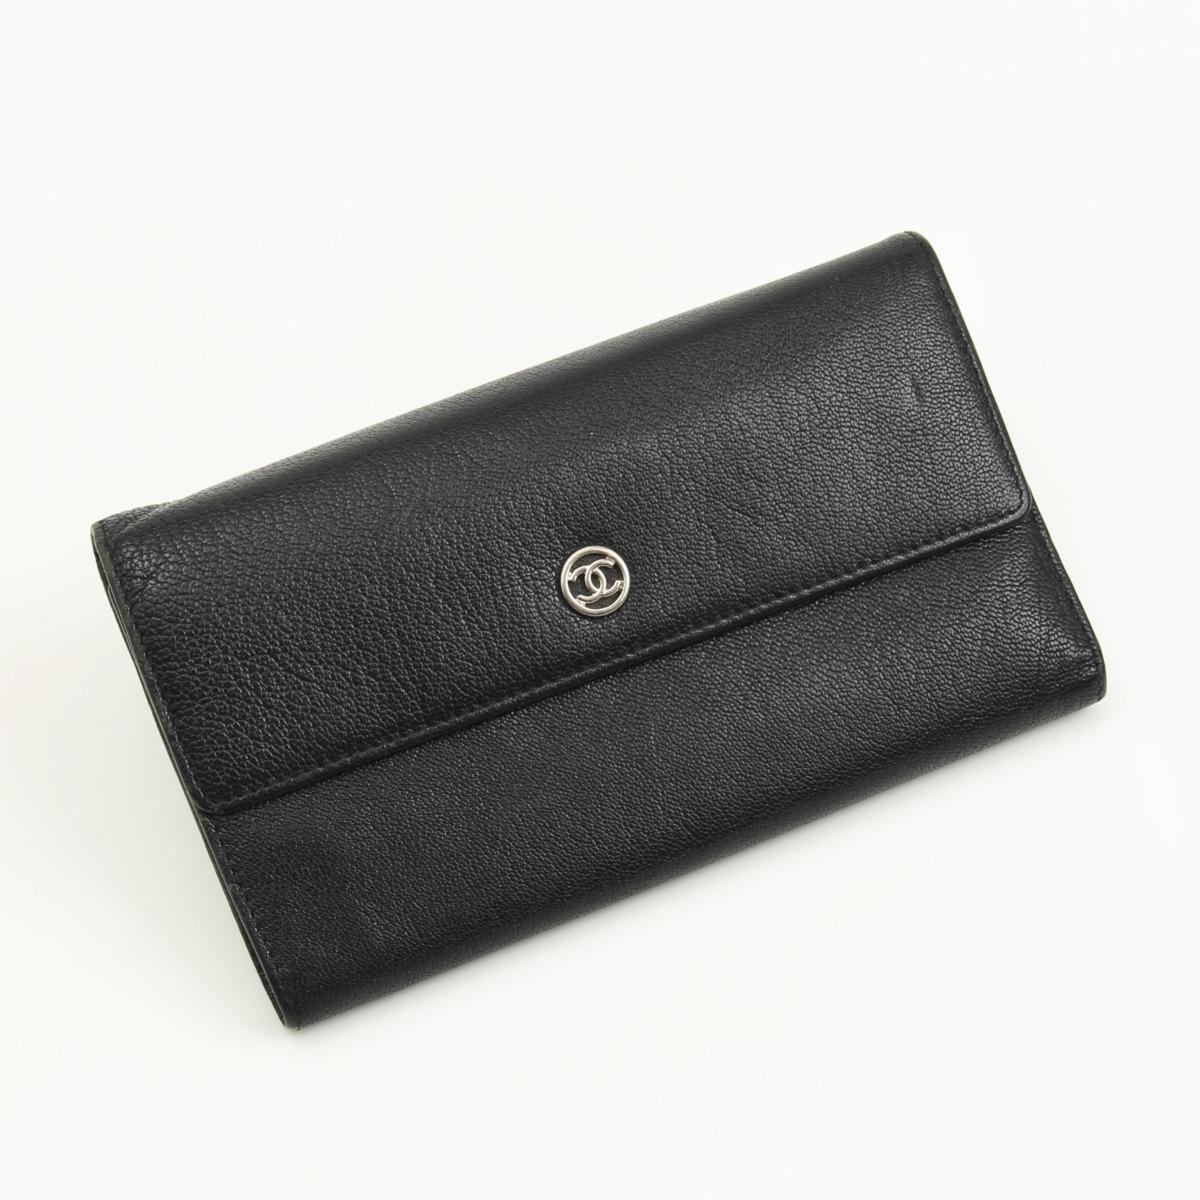 【シャネル】Chanel ココボタン 三つ折り 長財布 ブラック 【中古】【鑑定済・正規品保証】16513